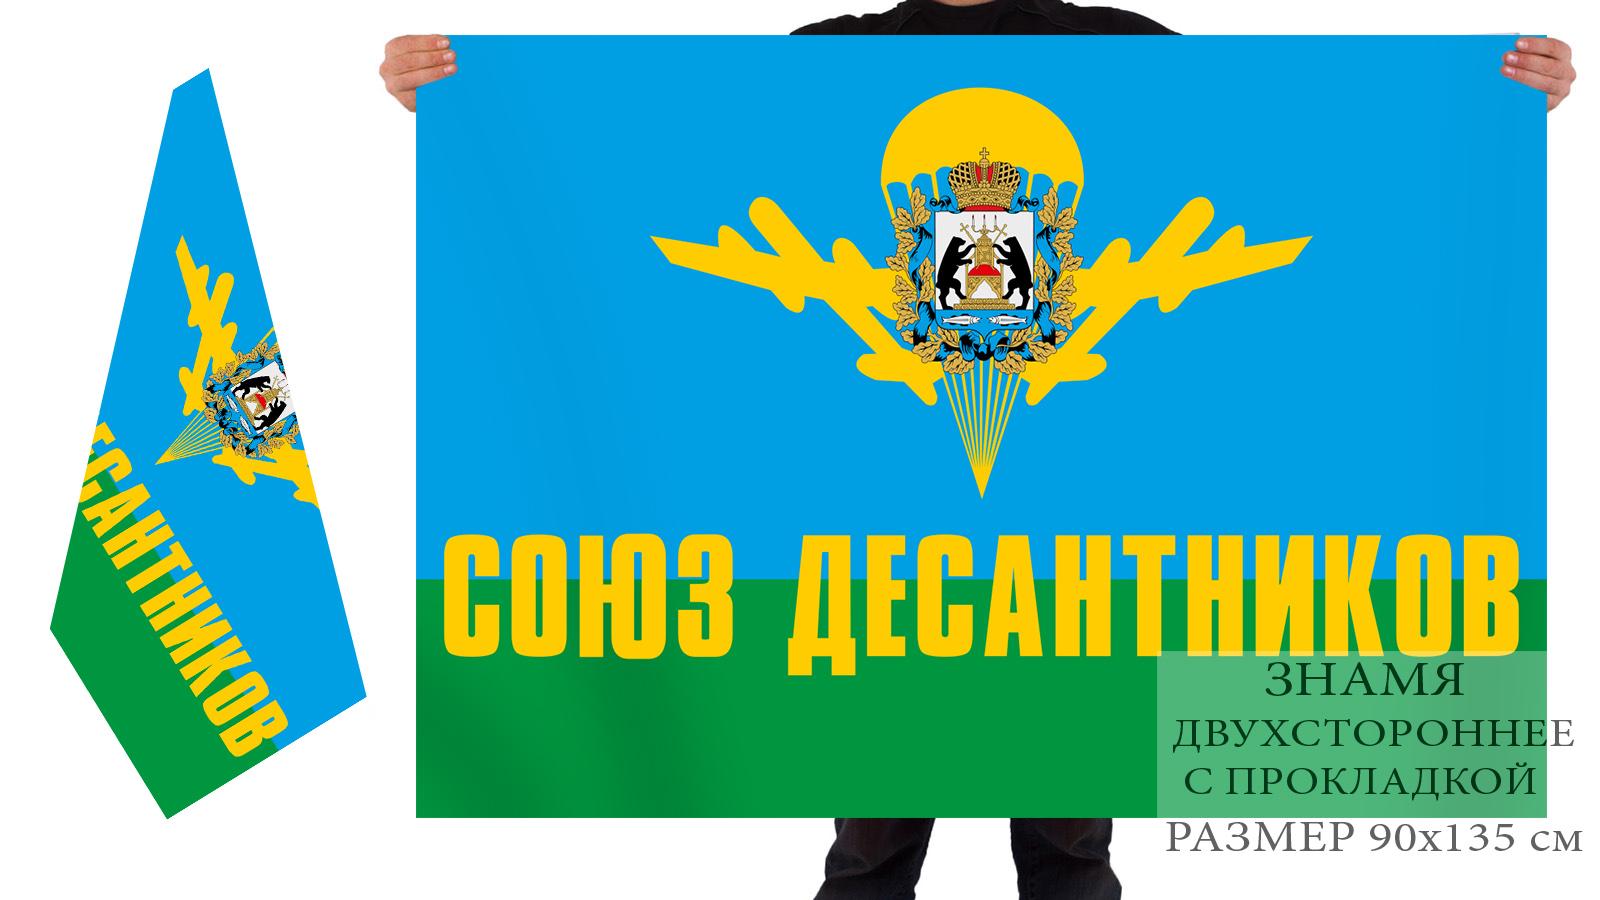 Двухсторонний флаг Союз Десантников